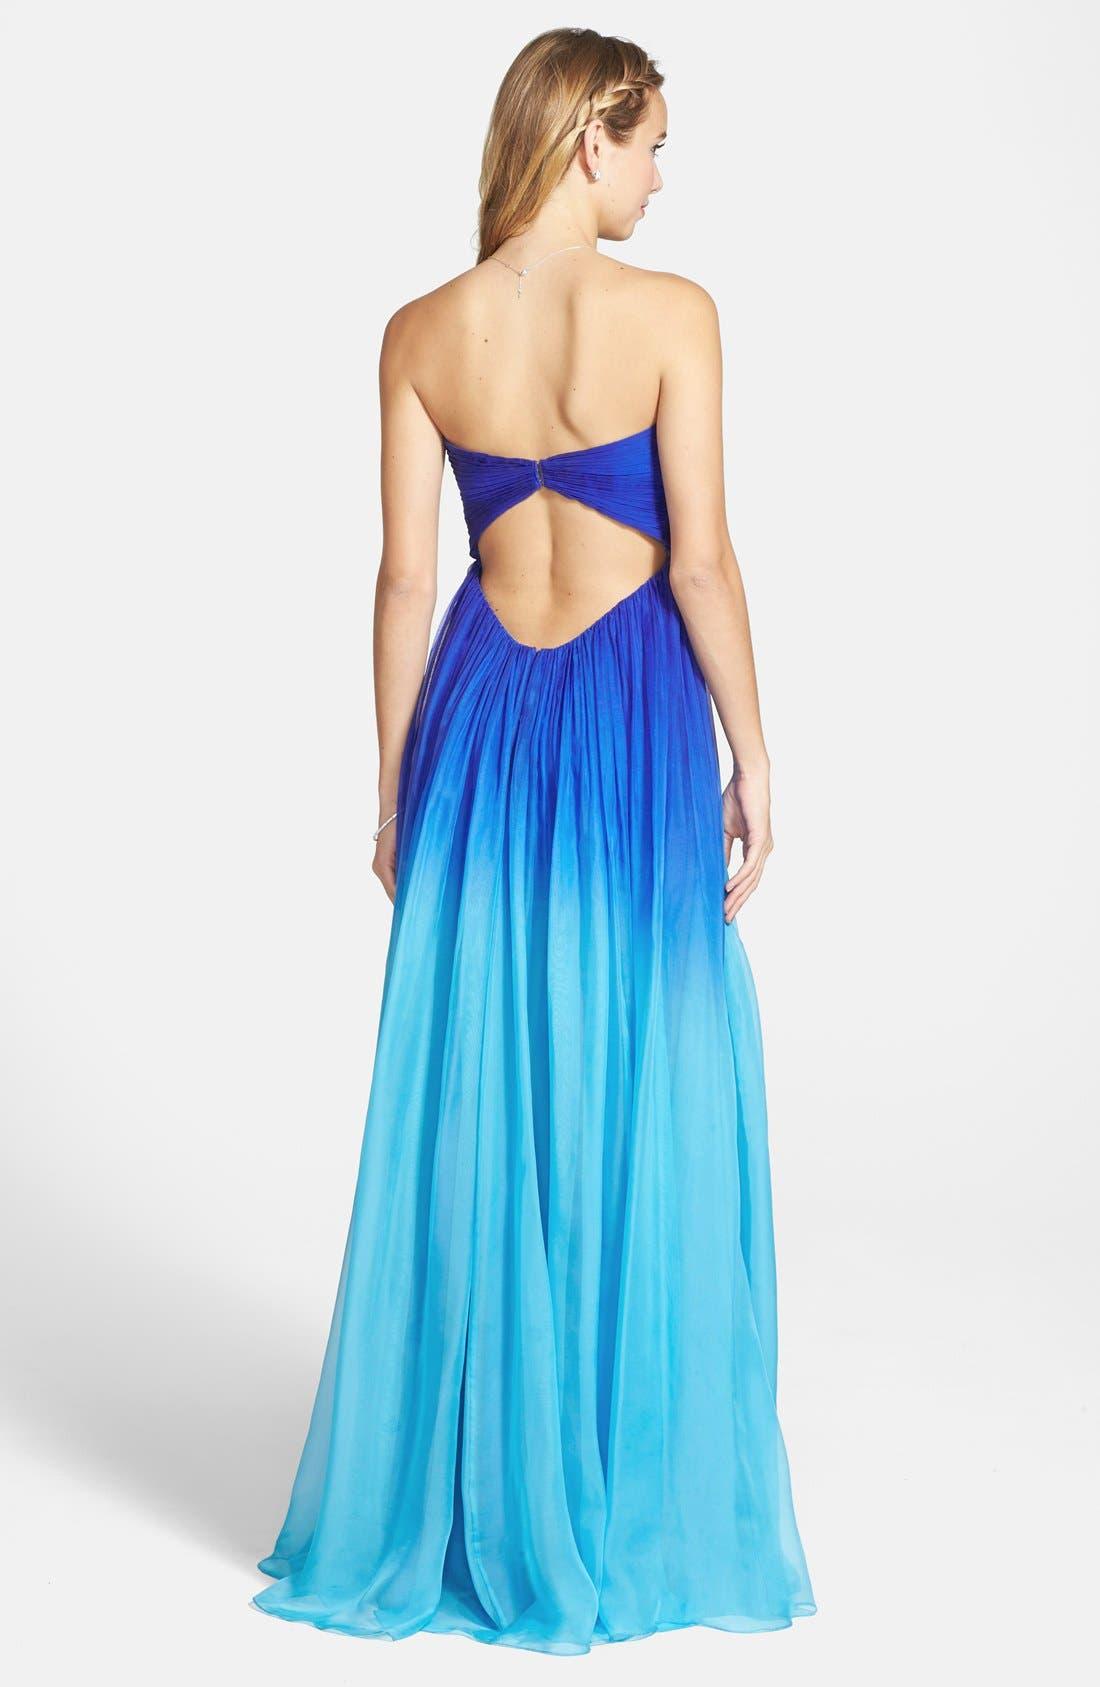 LA FEMME,                             Ruched Ombré Chiffon Strapless Gown,                             Alternate thumbnail 4, color,                             440